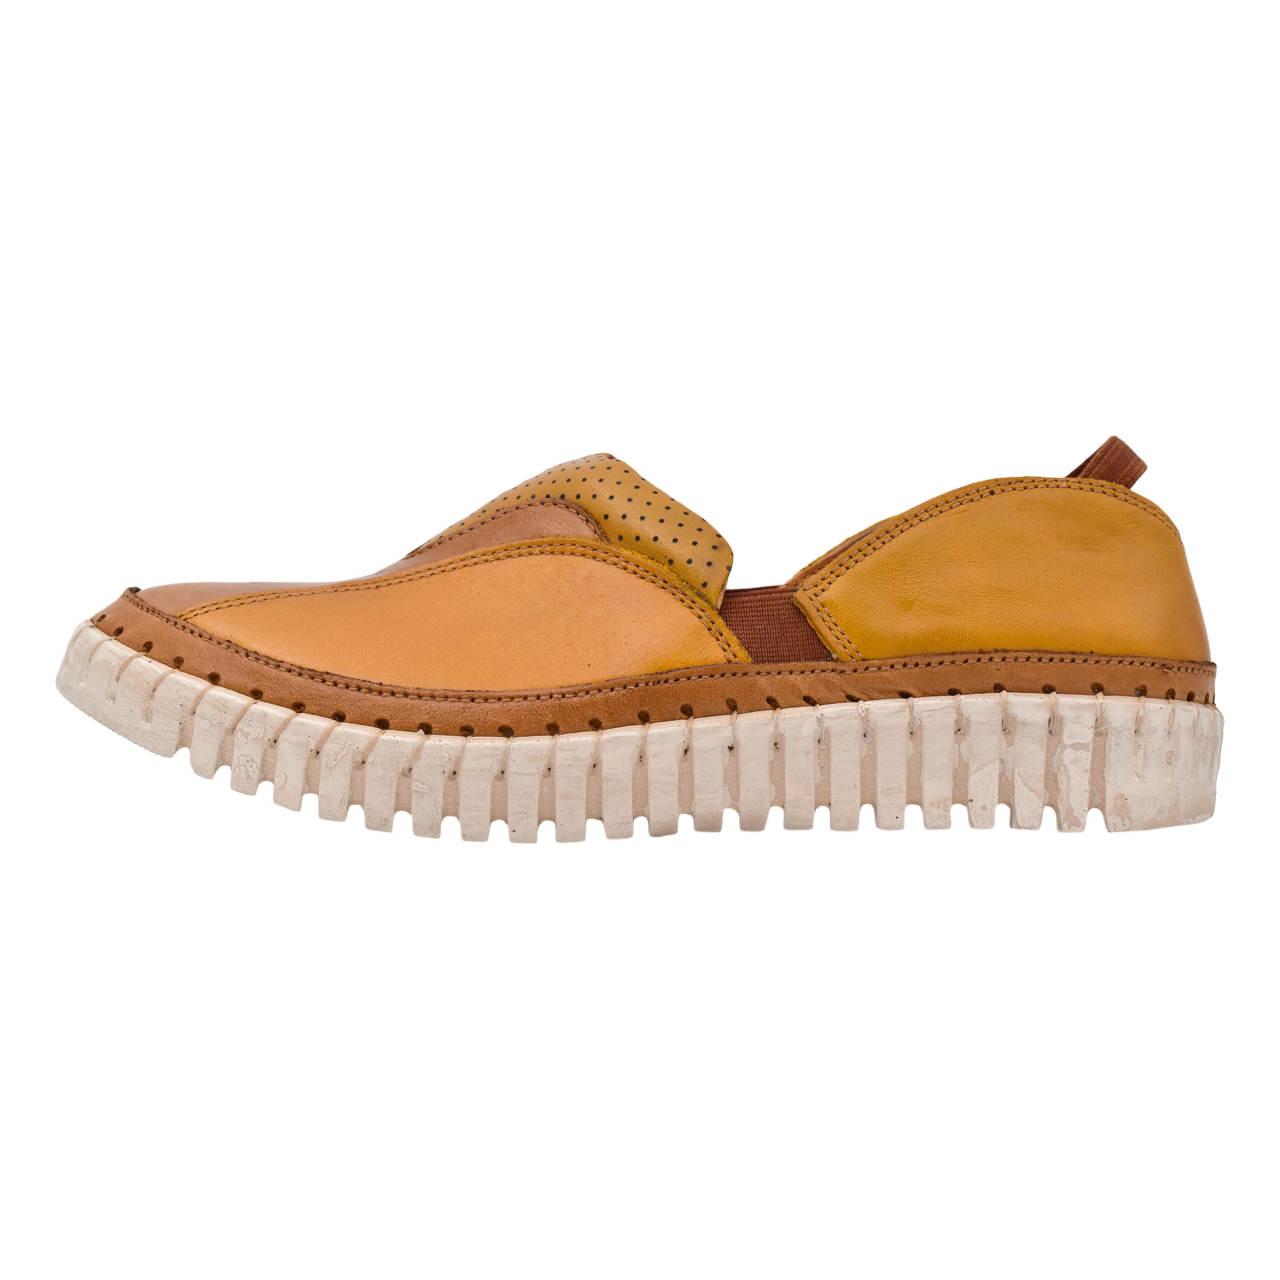 کفش روزمره زنانه پاما مدل P7 کد 2-G1361